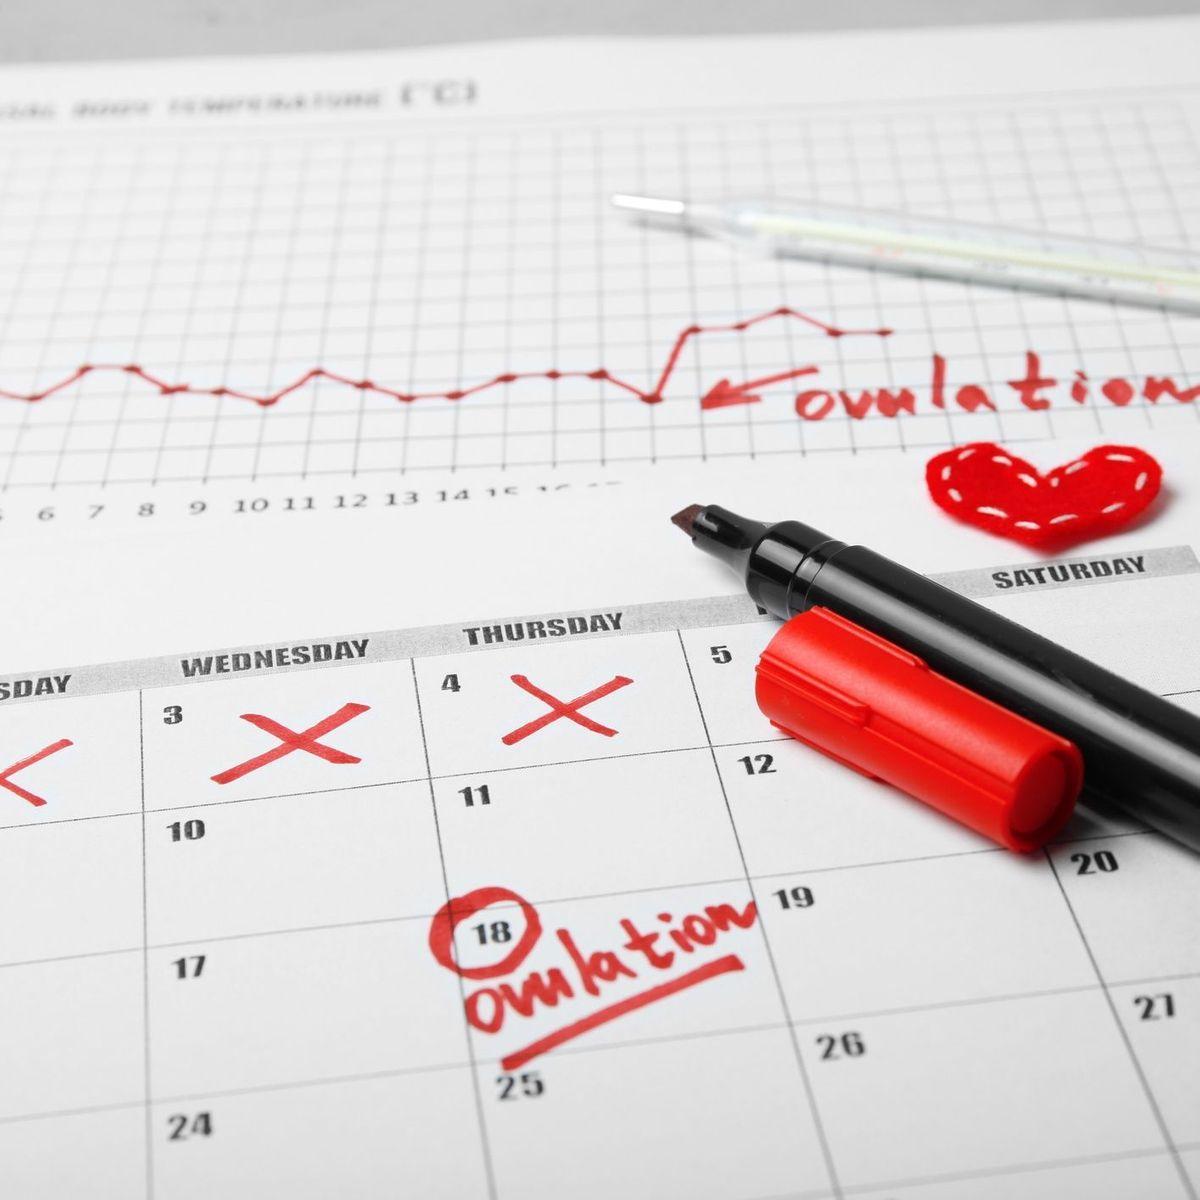 L'ovulation et période de fertilité : ce qu'il faut savoir